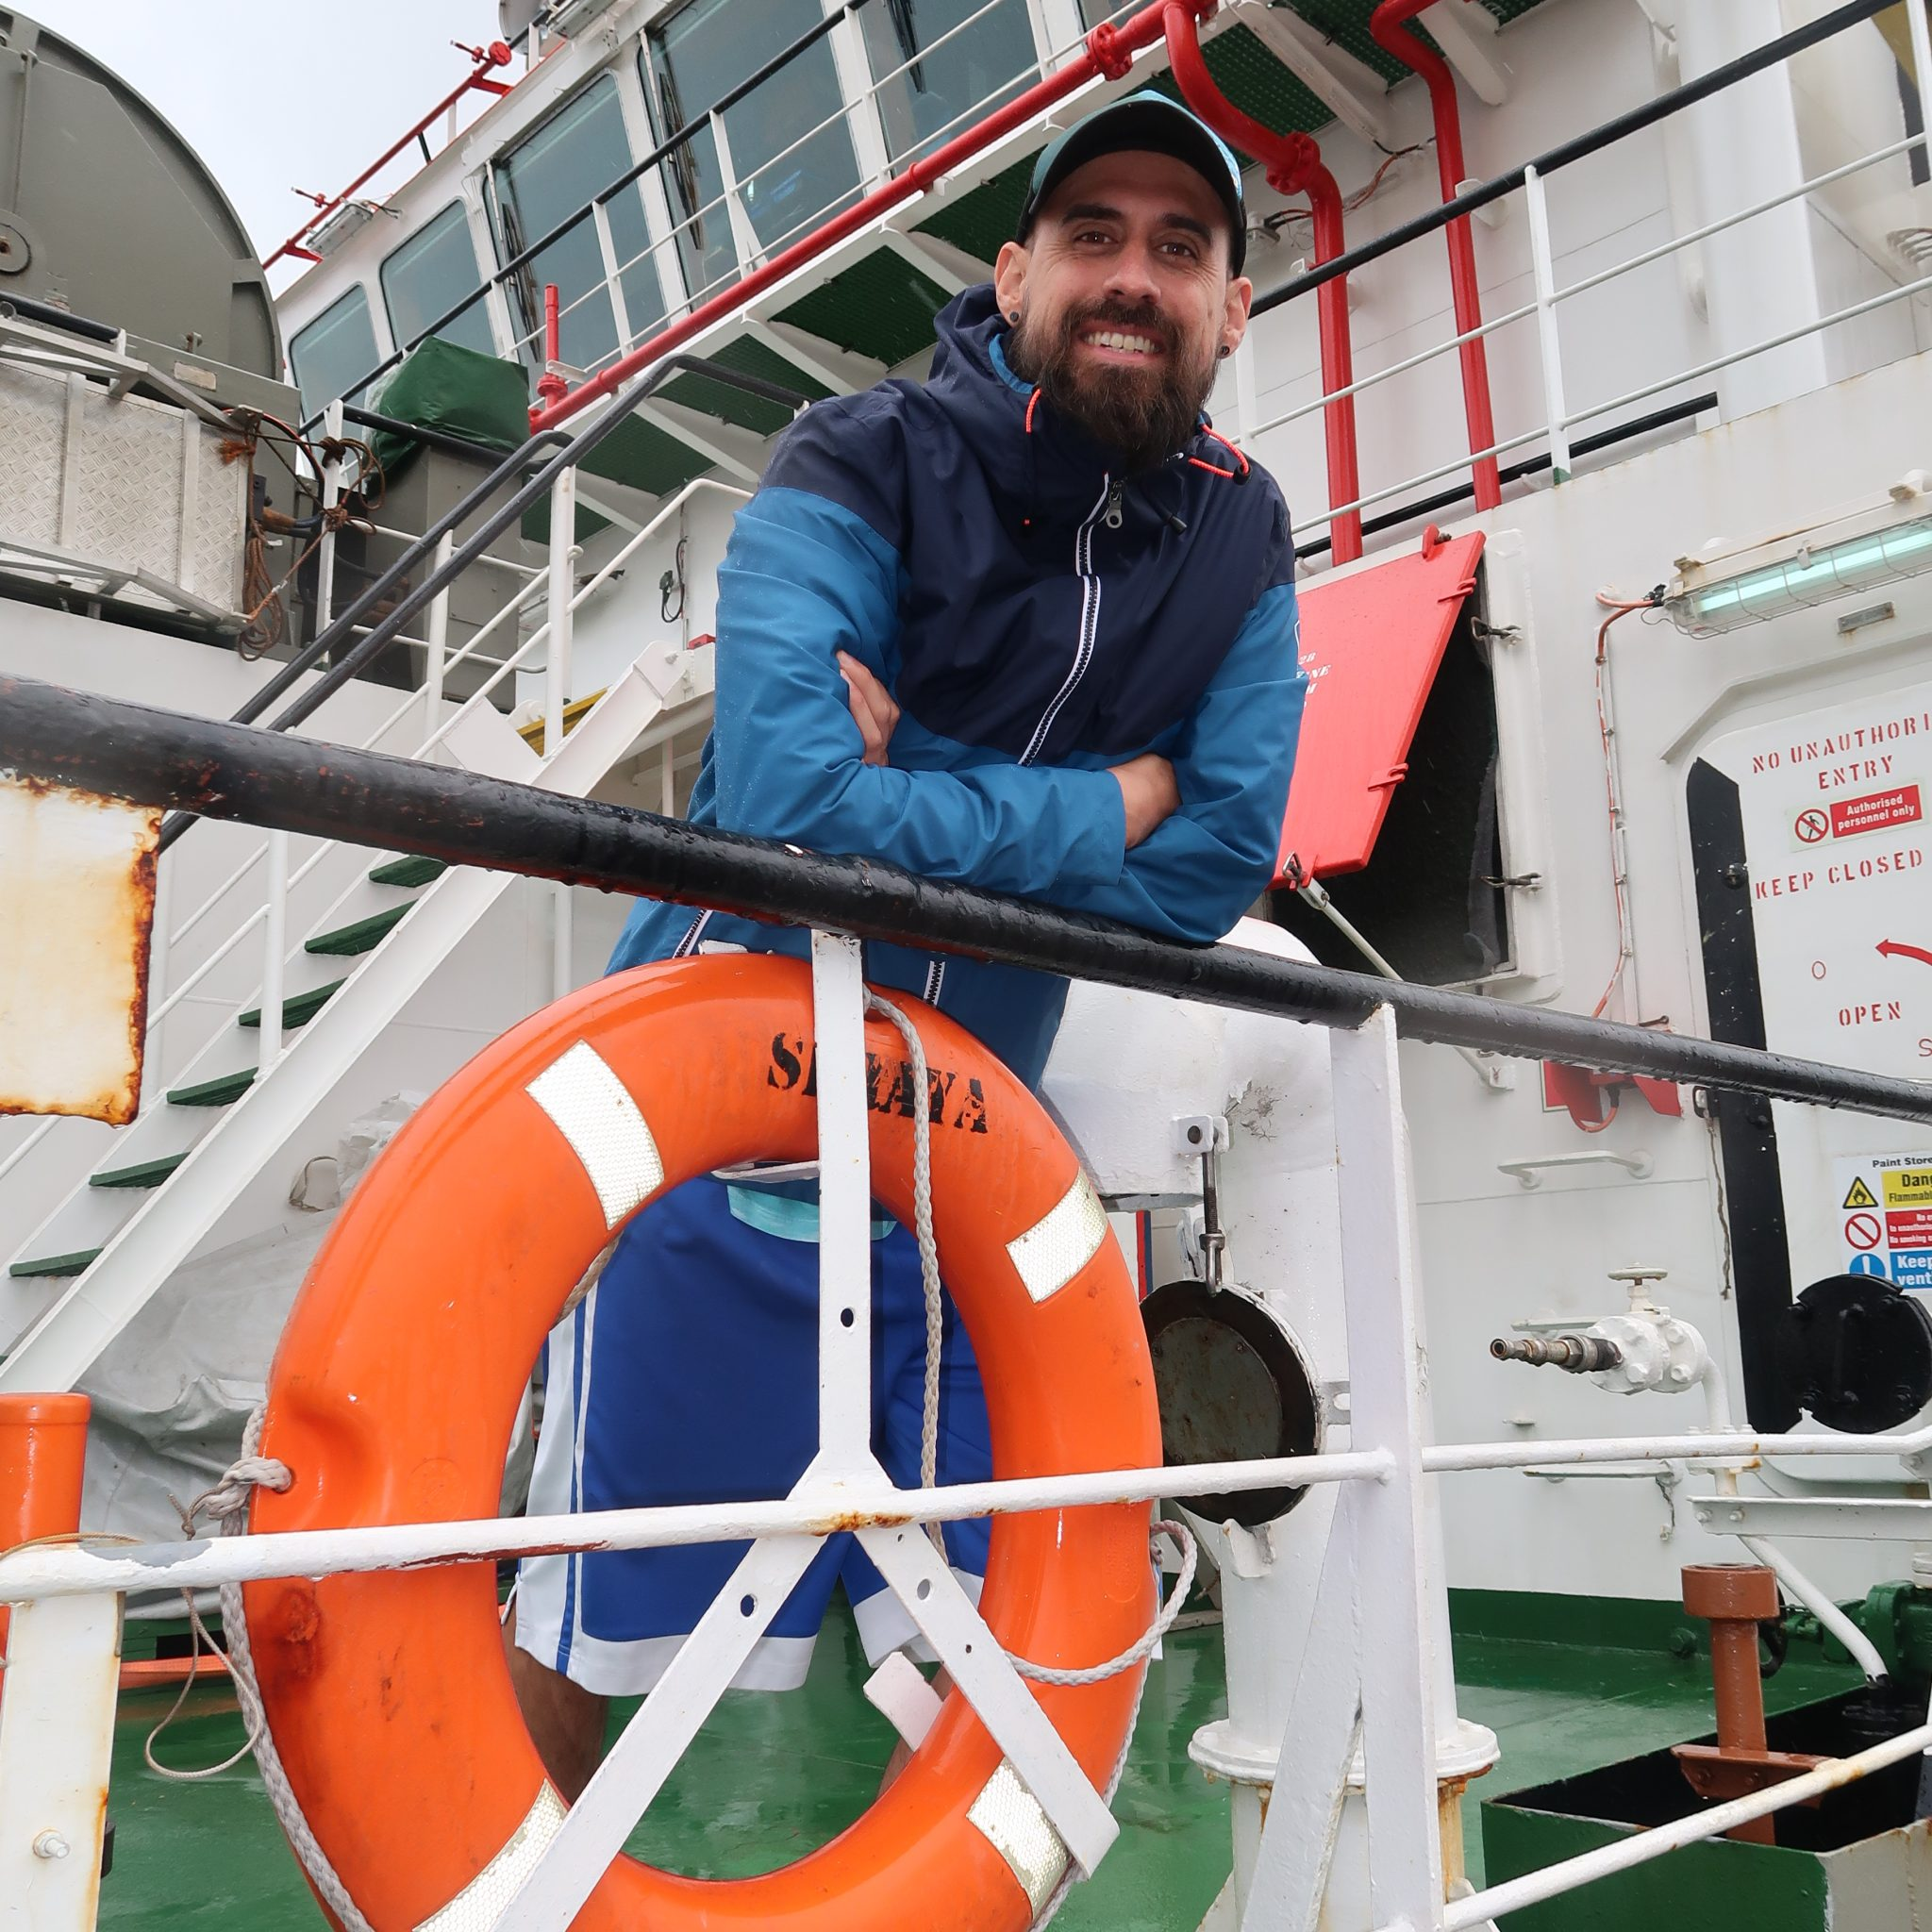 De Spaanse noise-monitoring-operator aan boord van het anchor-handling vaartuig Seraya. (Foto W.M. den Heijer)